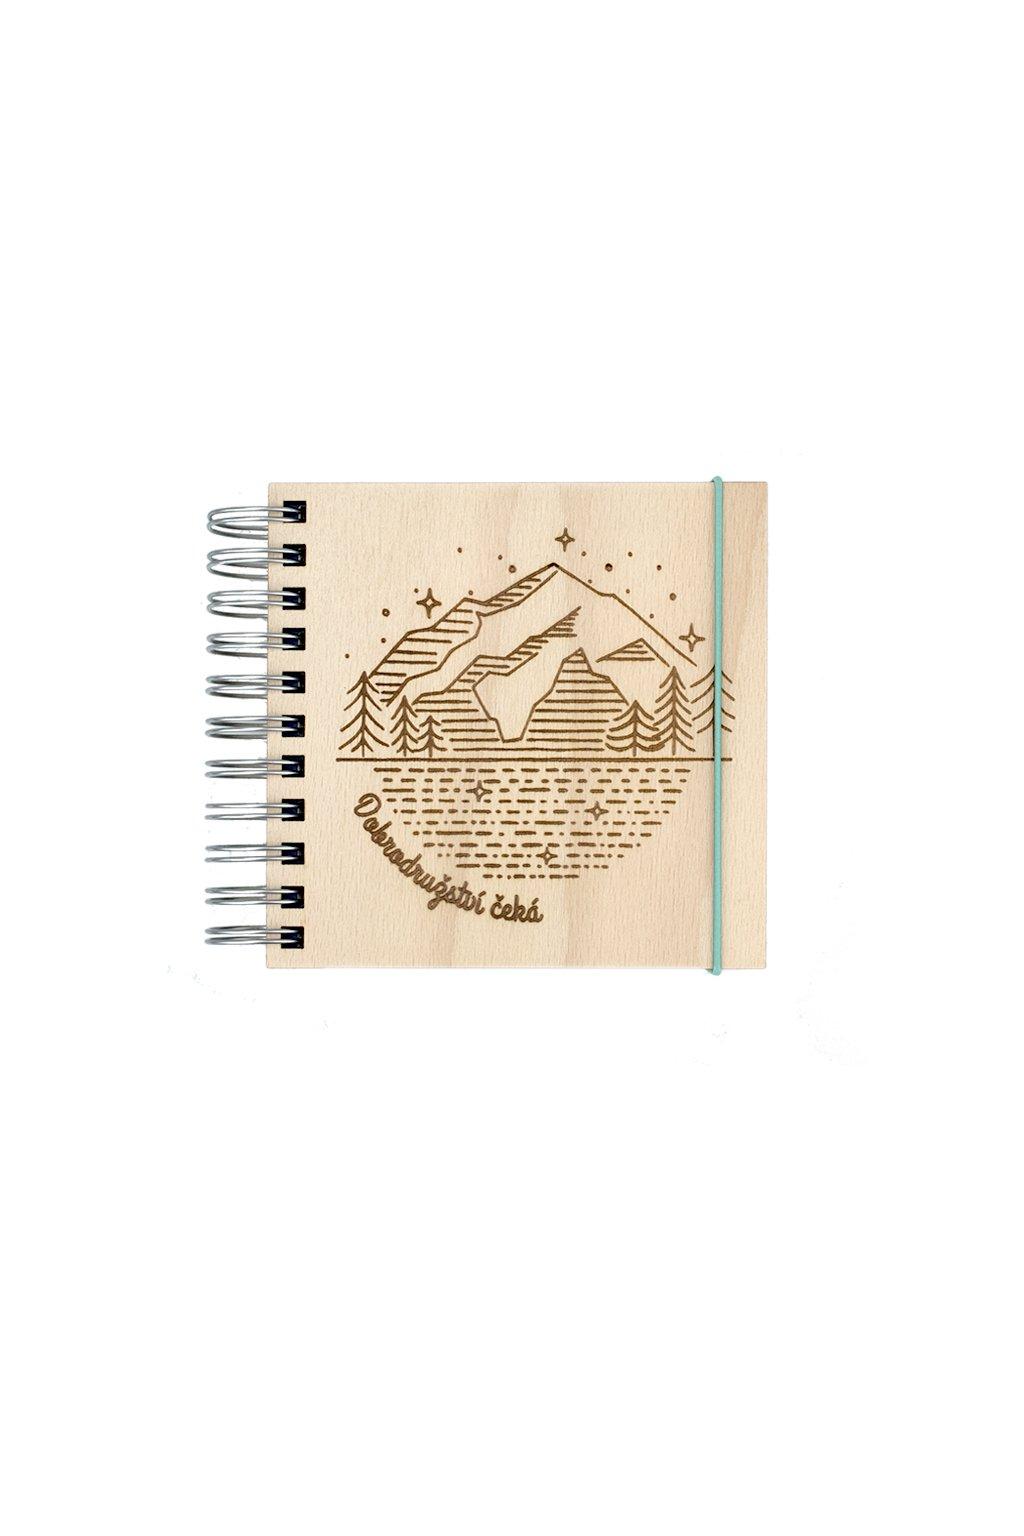 Dřevěný cestovatelský zápisník WOODBOOK Dobrodružství čeká s recyklovaným papírem | JAA∞TY